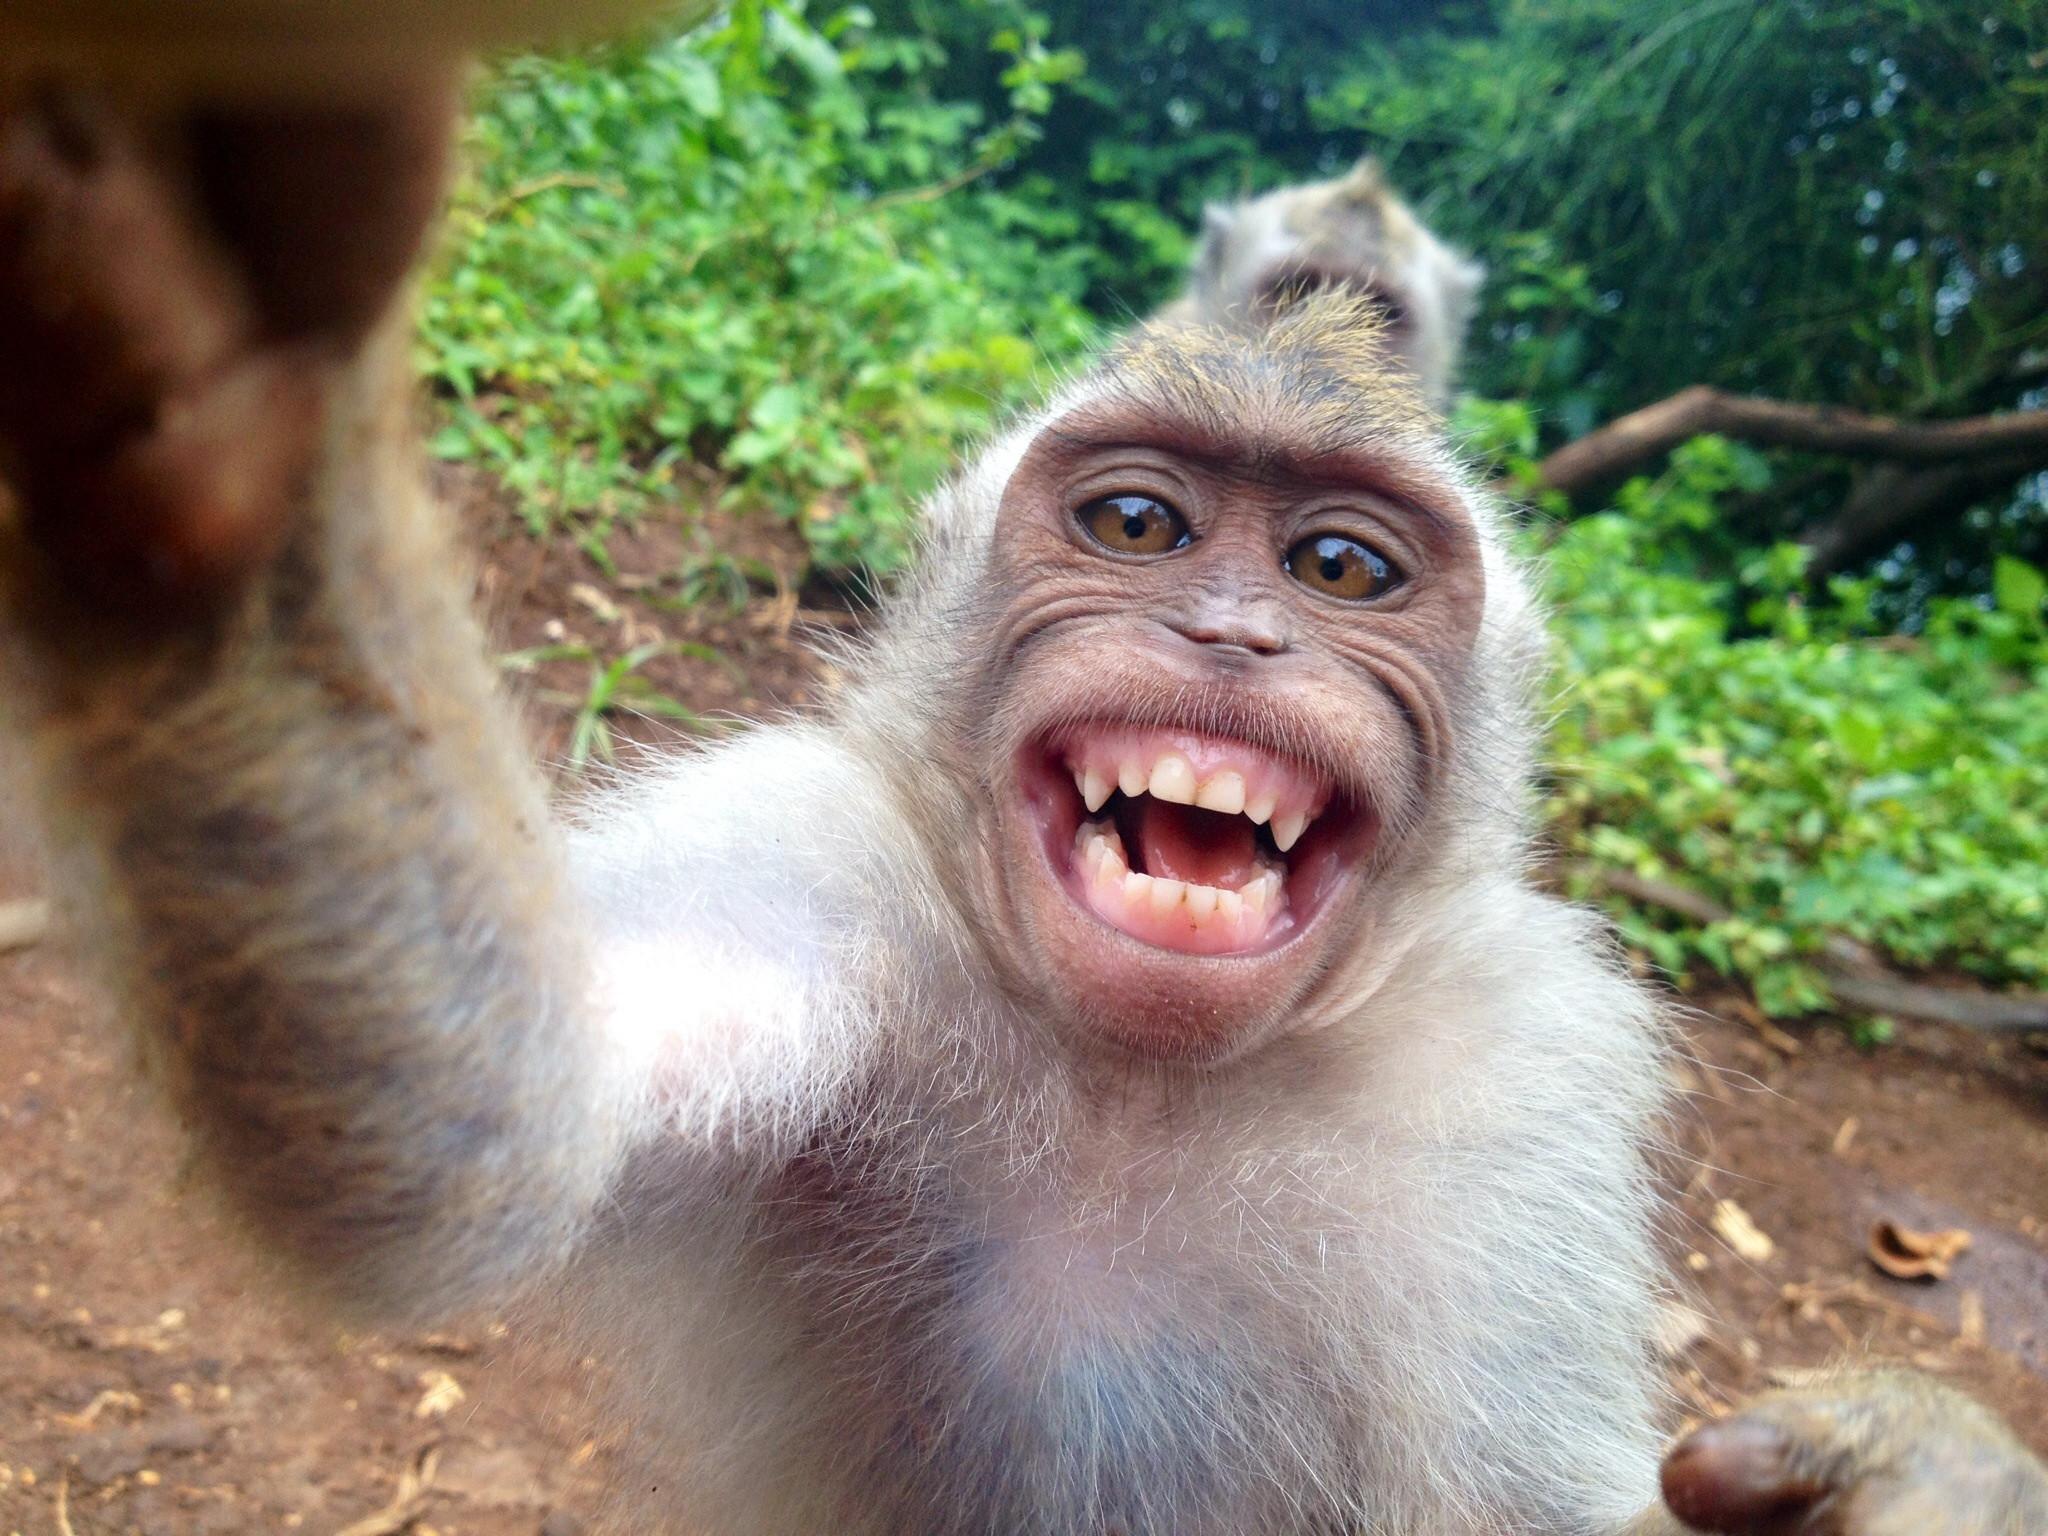 Pourquoi les singes ont les fesses rouge - jeux de langue